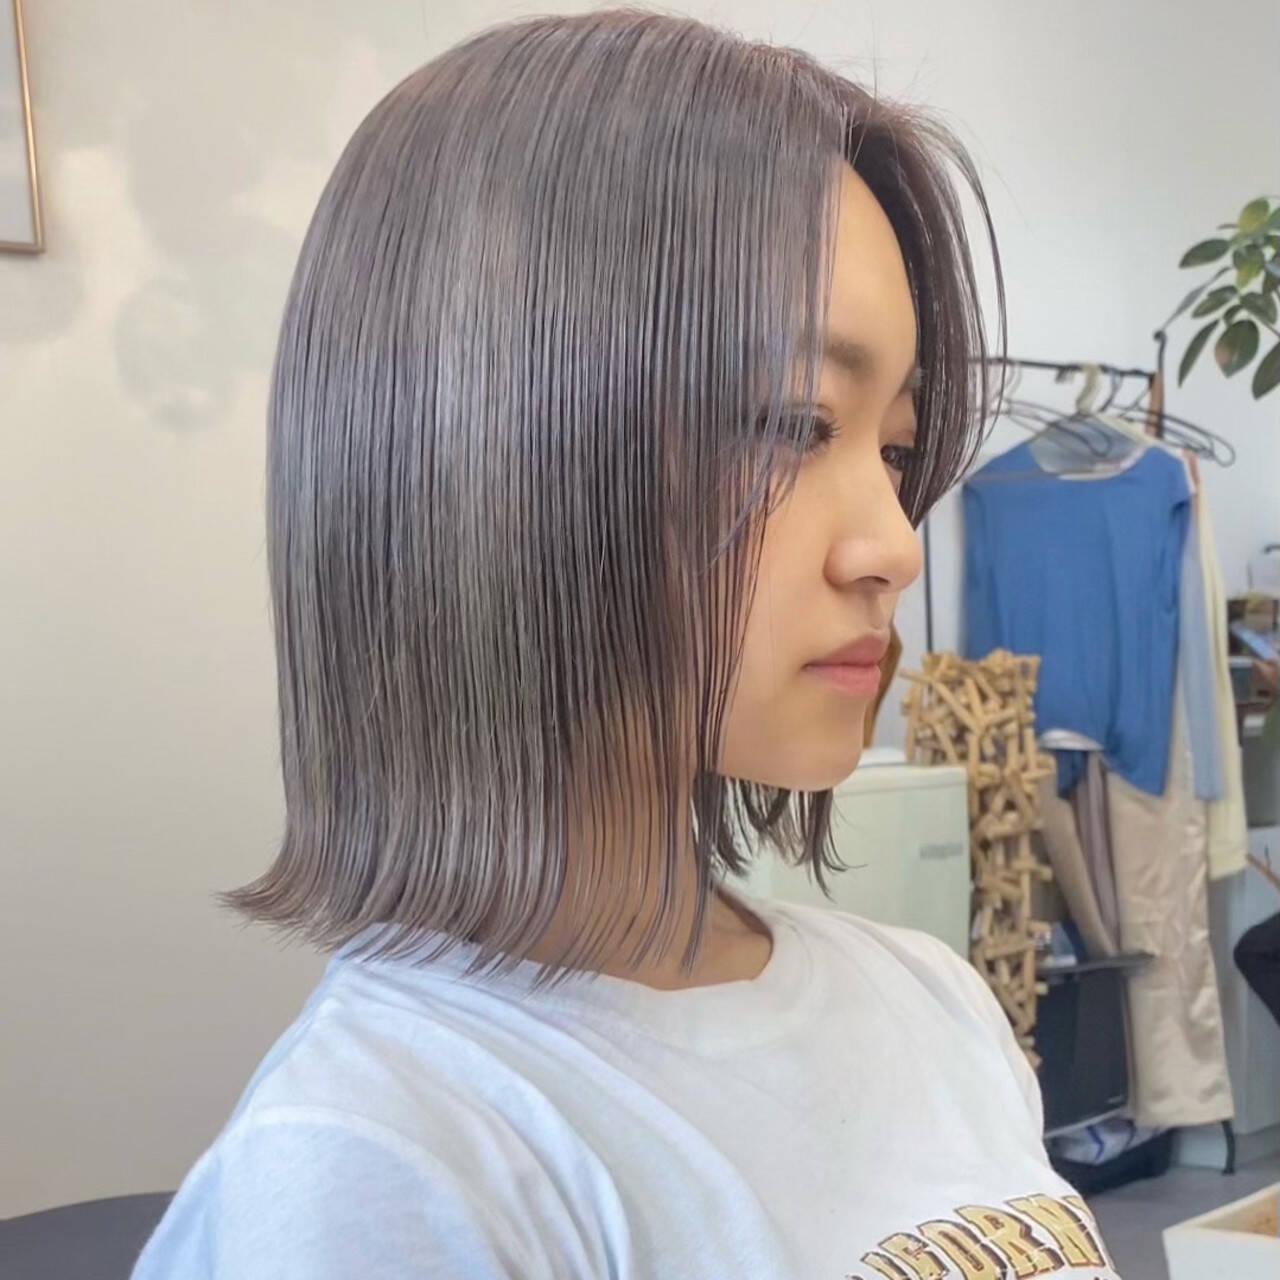 ブリーチカラー 切りっぱなしボブ ミニボブ ハイトーンカラーヘアスタイルや髪型の写真・画像